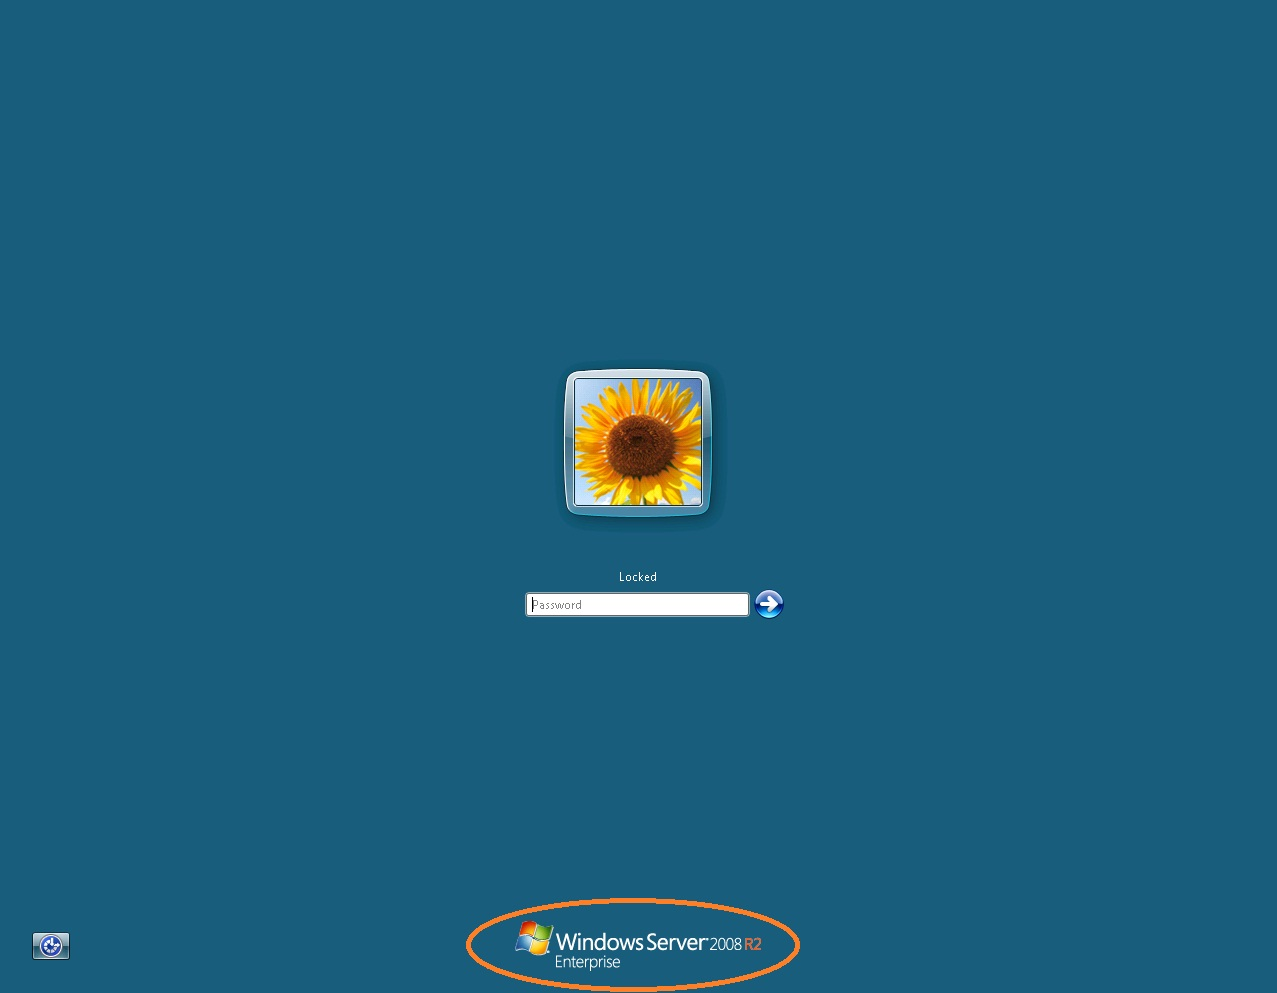 Windows server 2008 wallpaper by auron2 on deviantart.